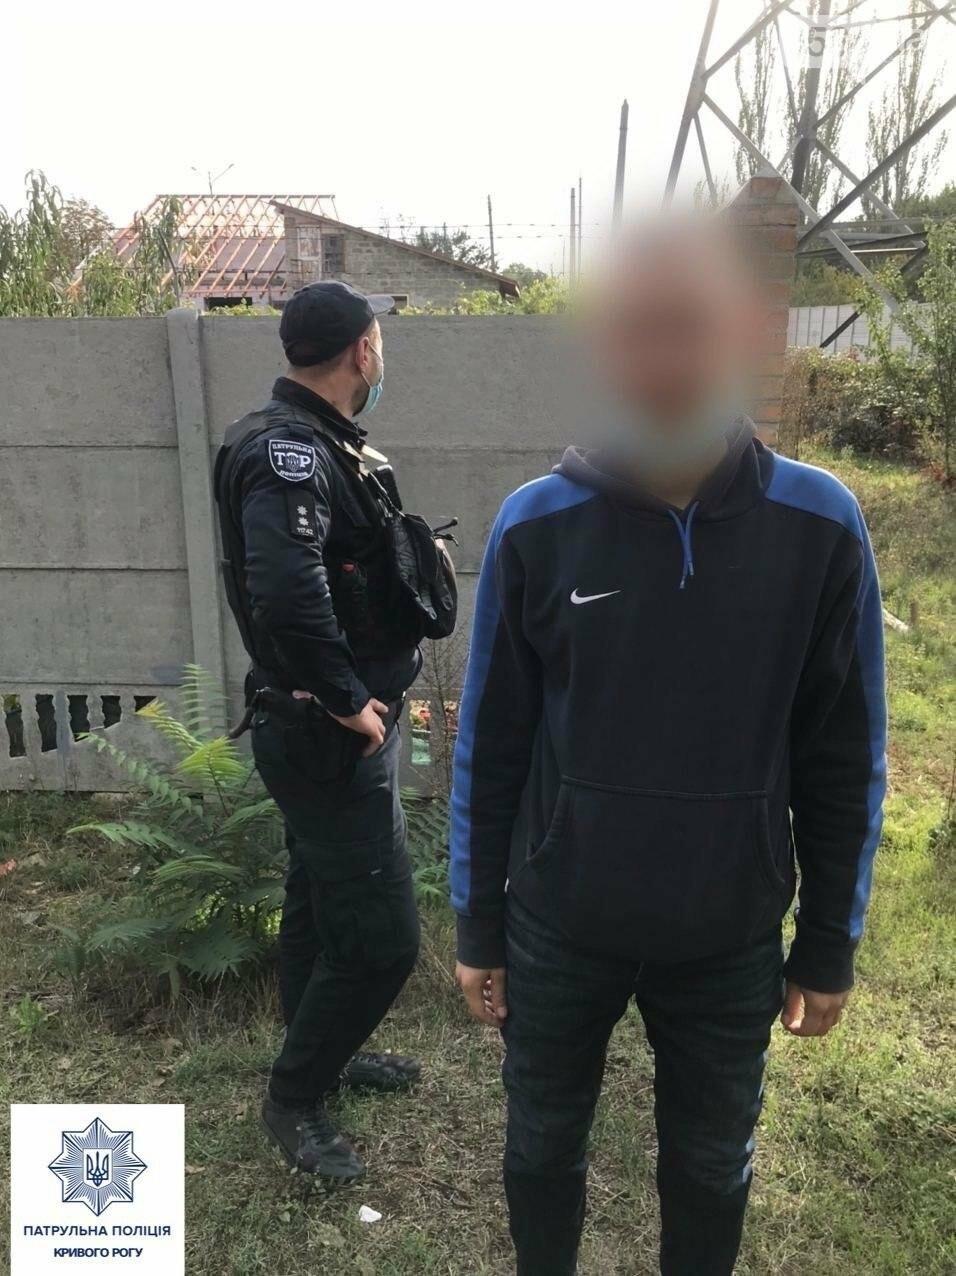 Криворожане вызвали полицию, увидев как возле дома употребляют наркотики, - ФОТО , фото-1